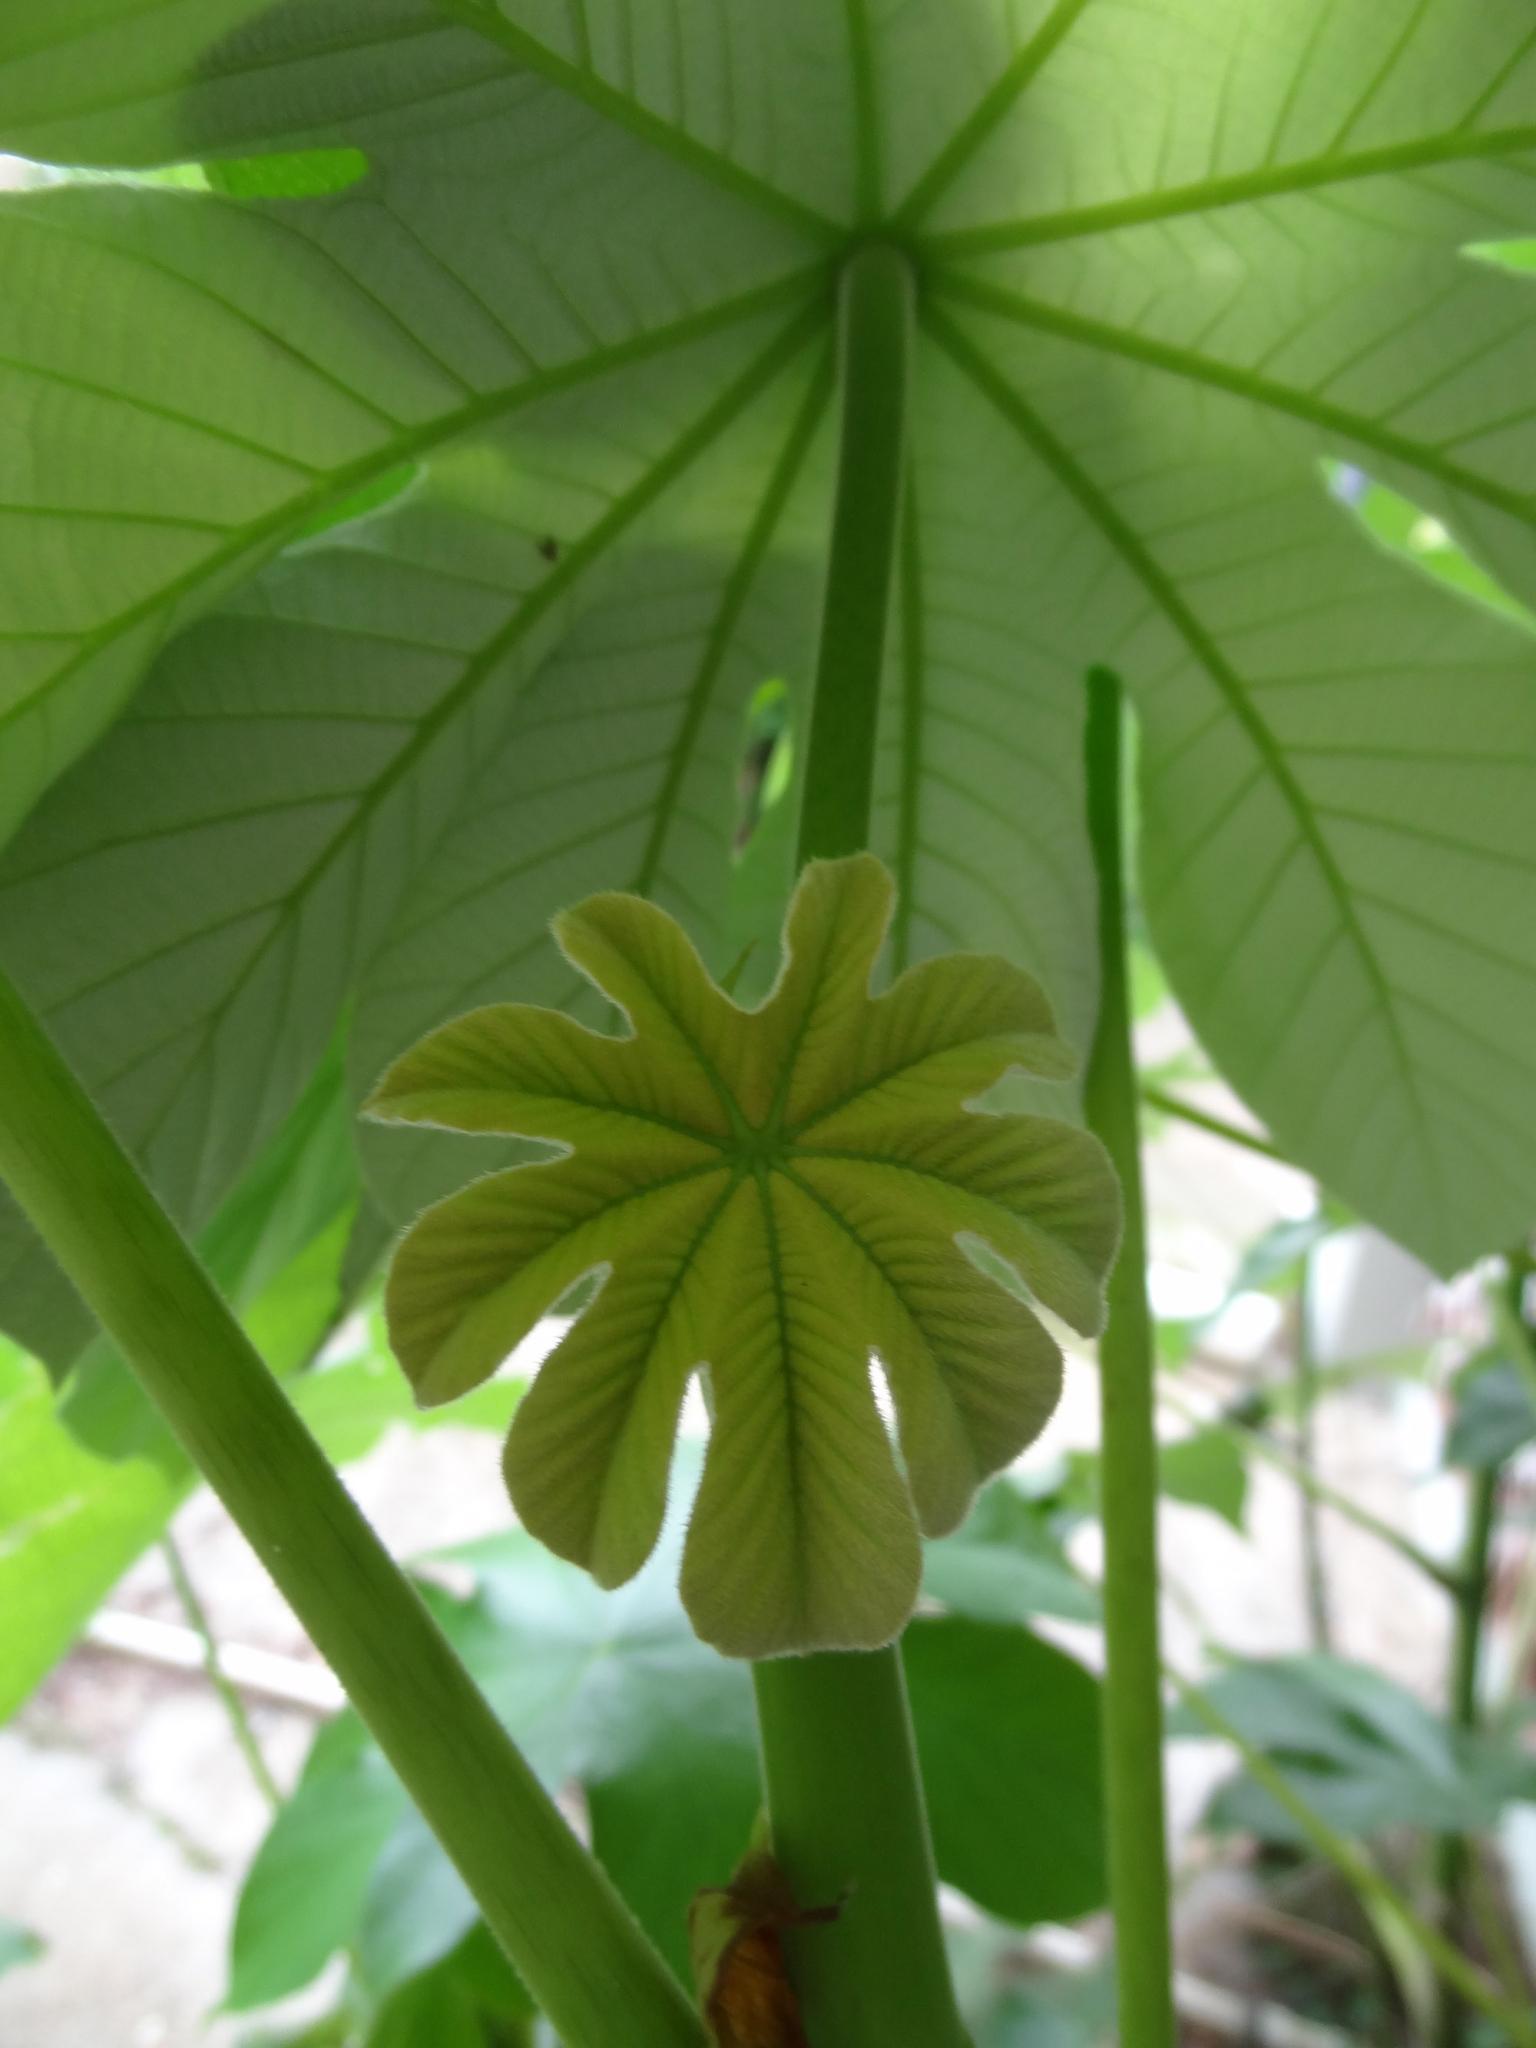 Plants Need Phosphate